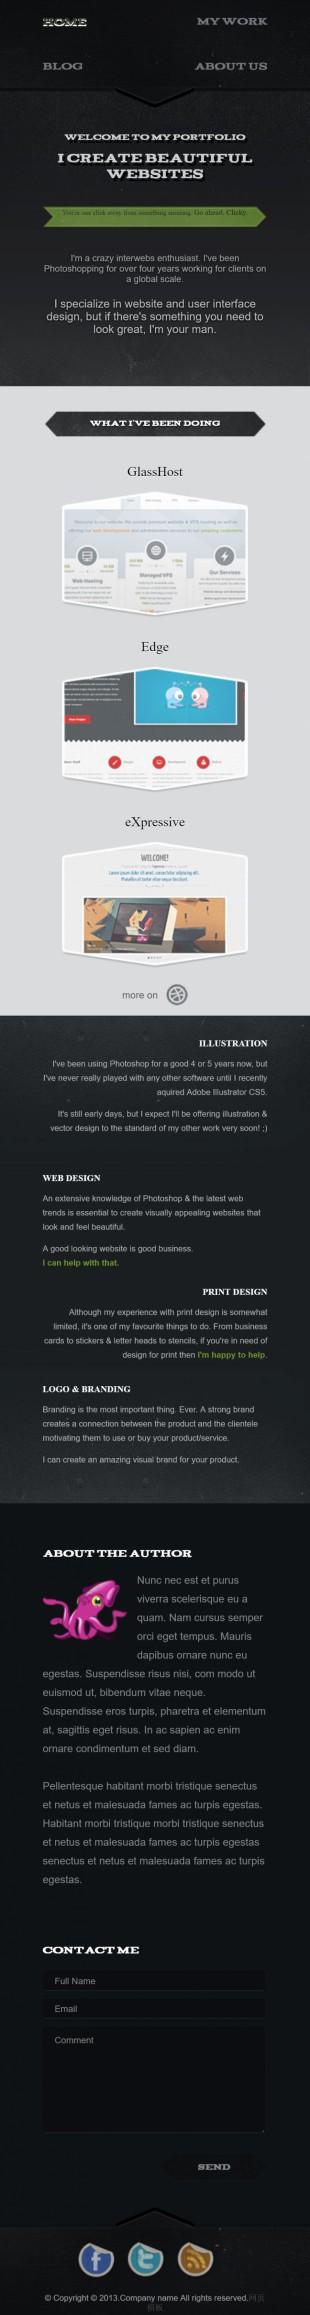 黑色复古背景网站设计官网英文网站制作模板手机图片